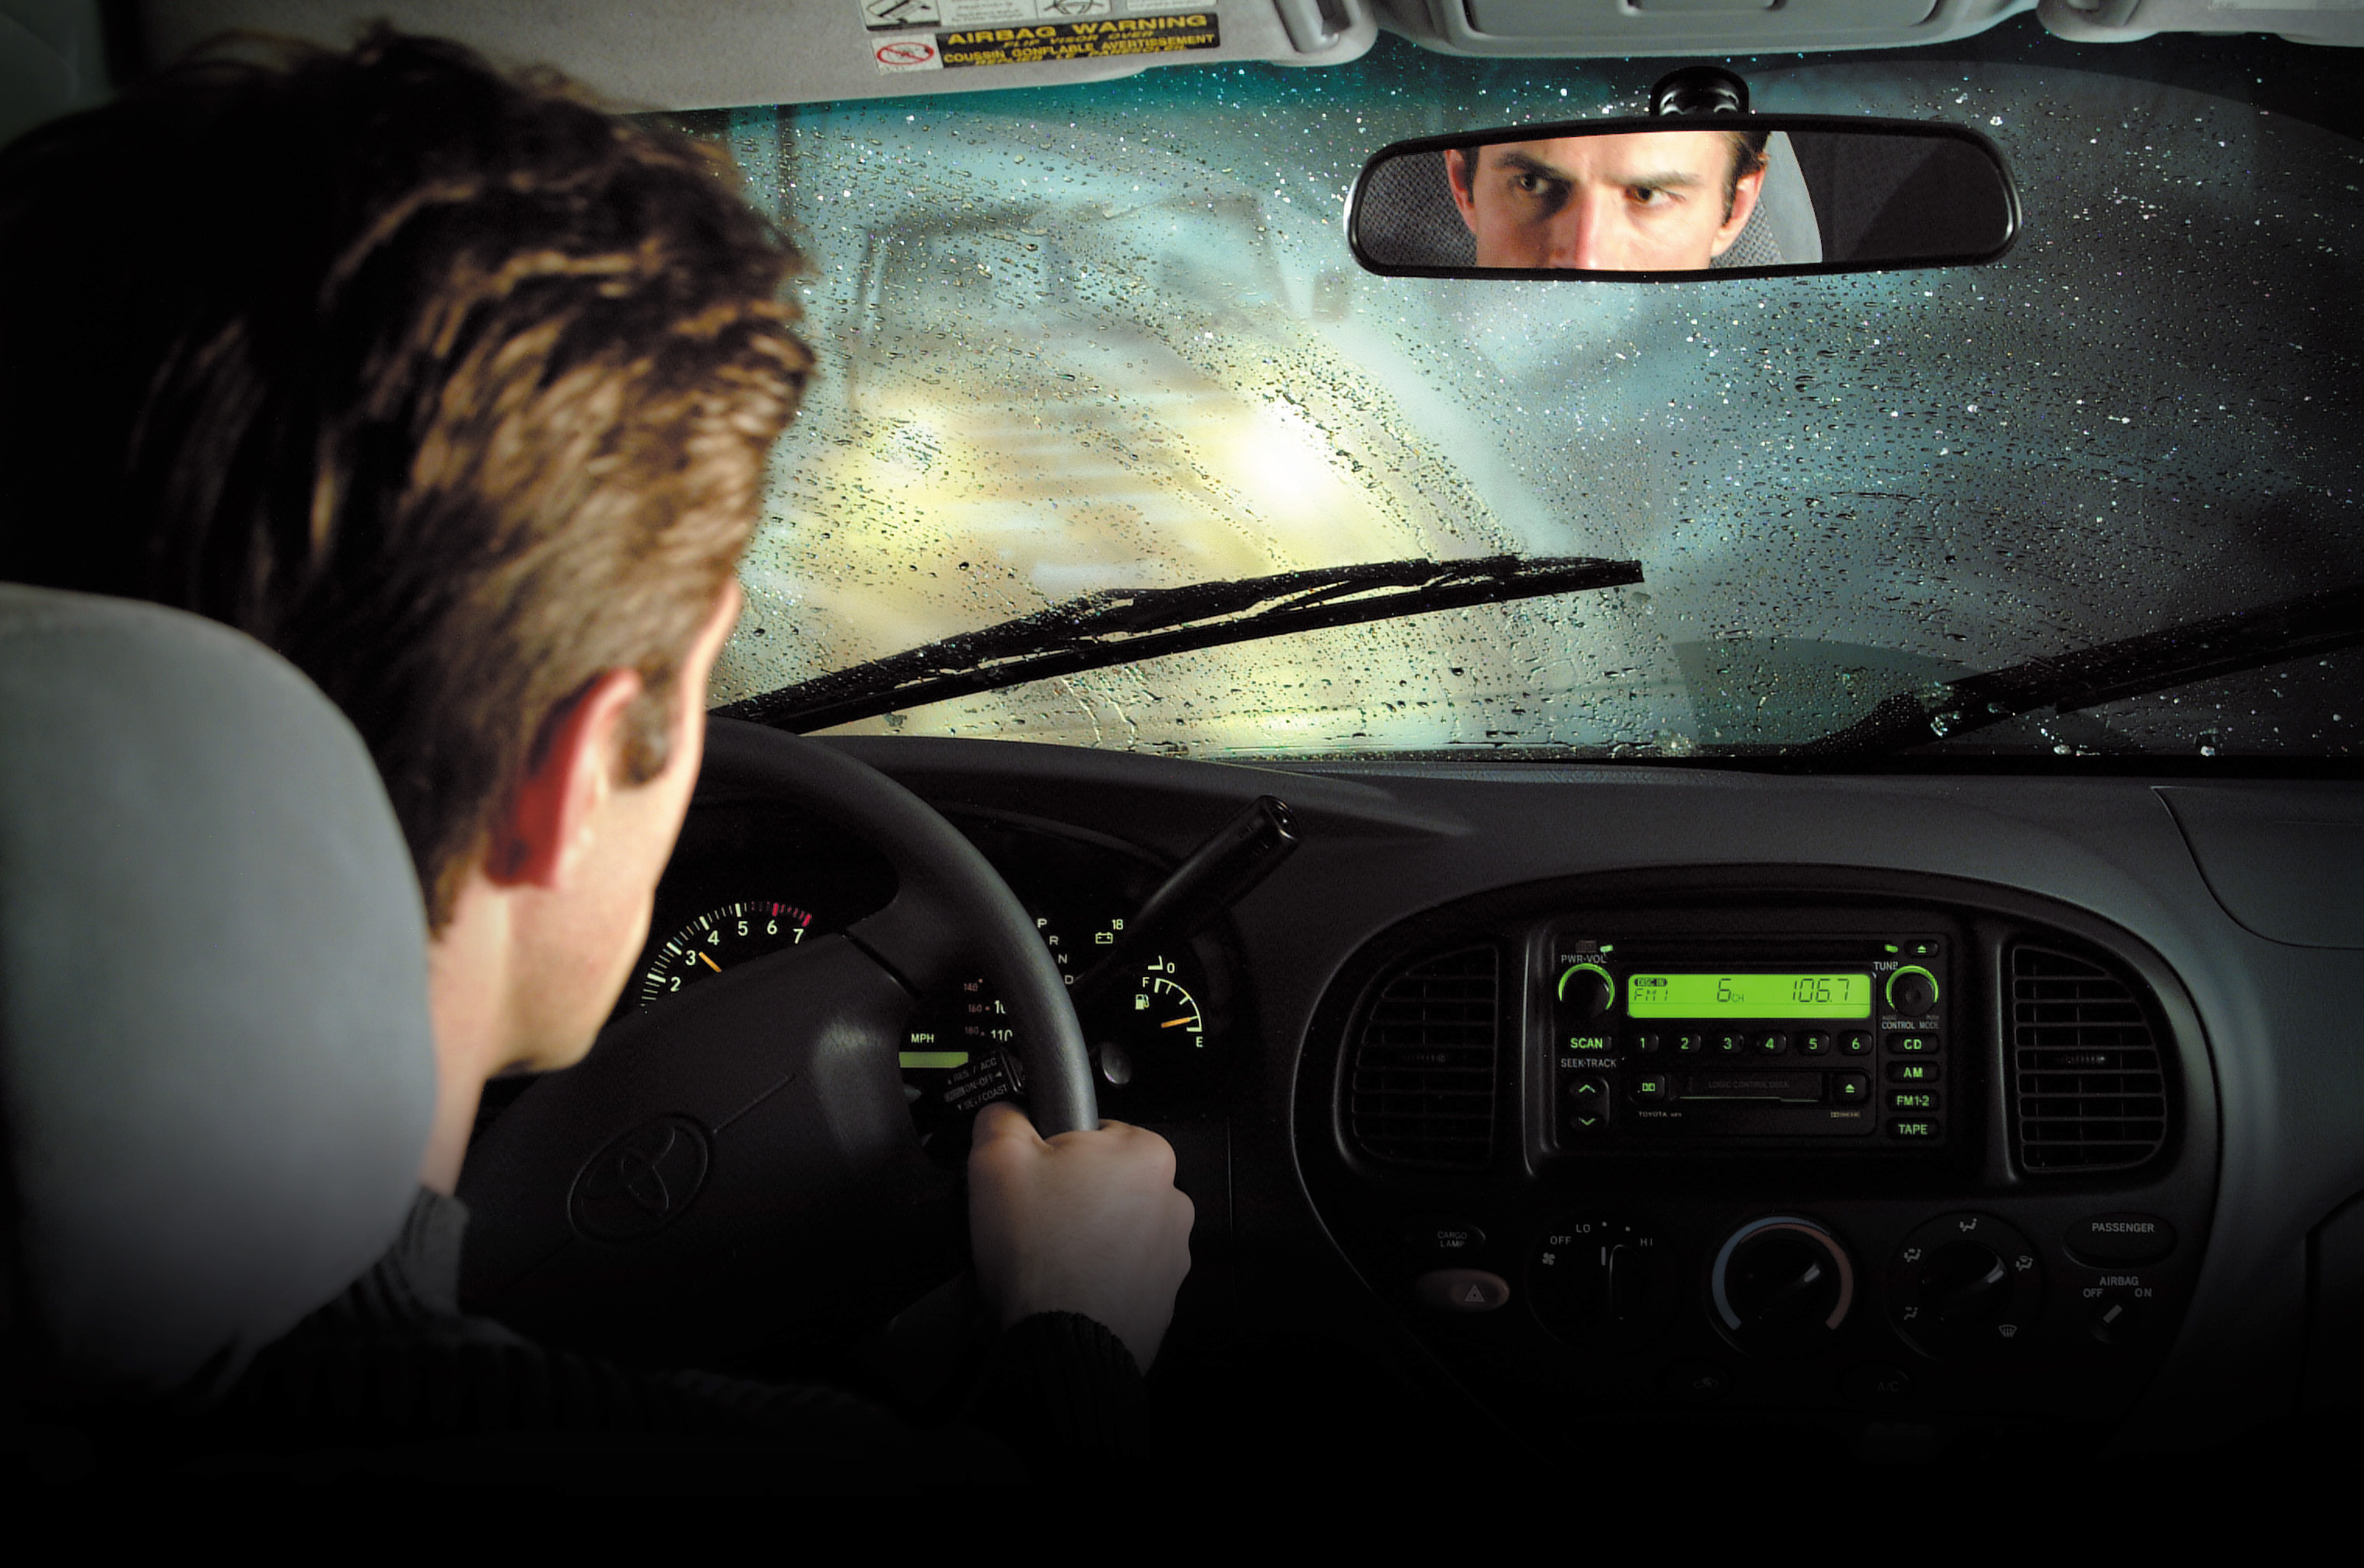 Dirigindo na chuva - foto by Auto Bild